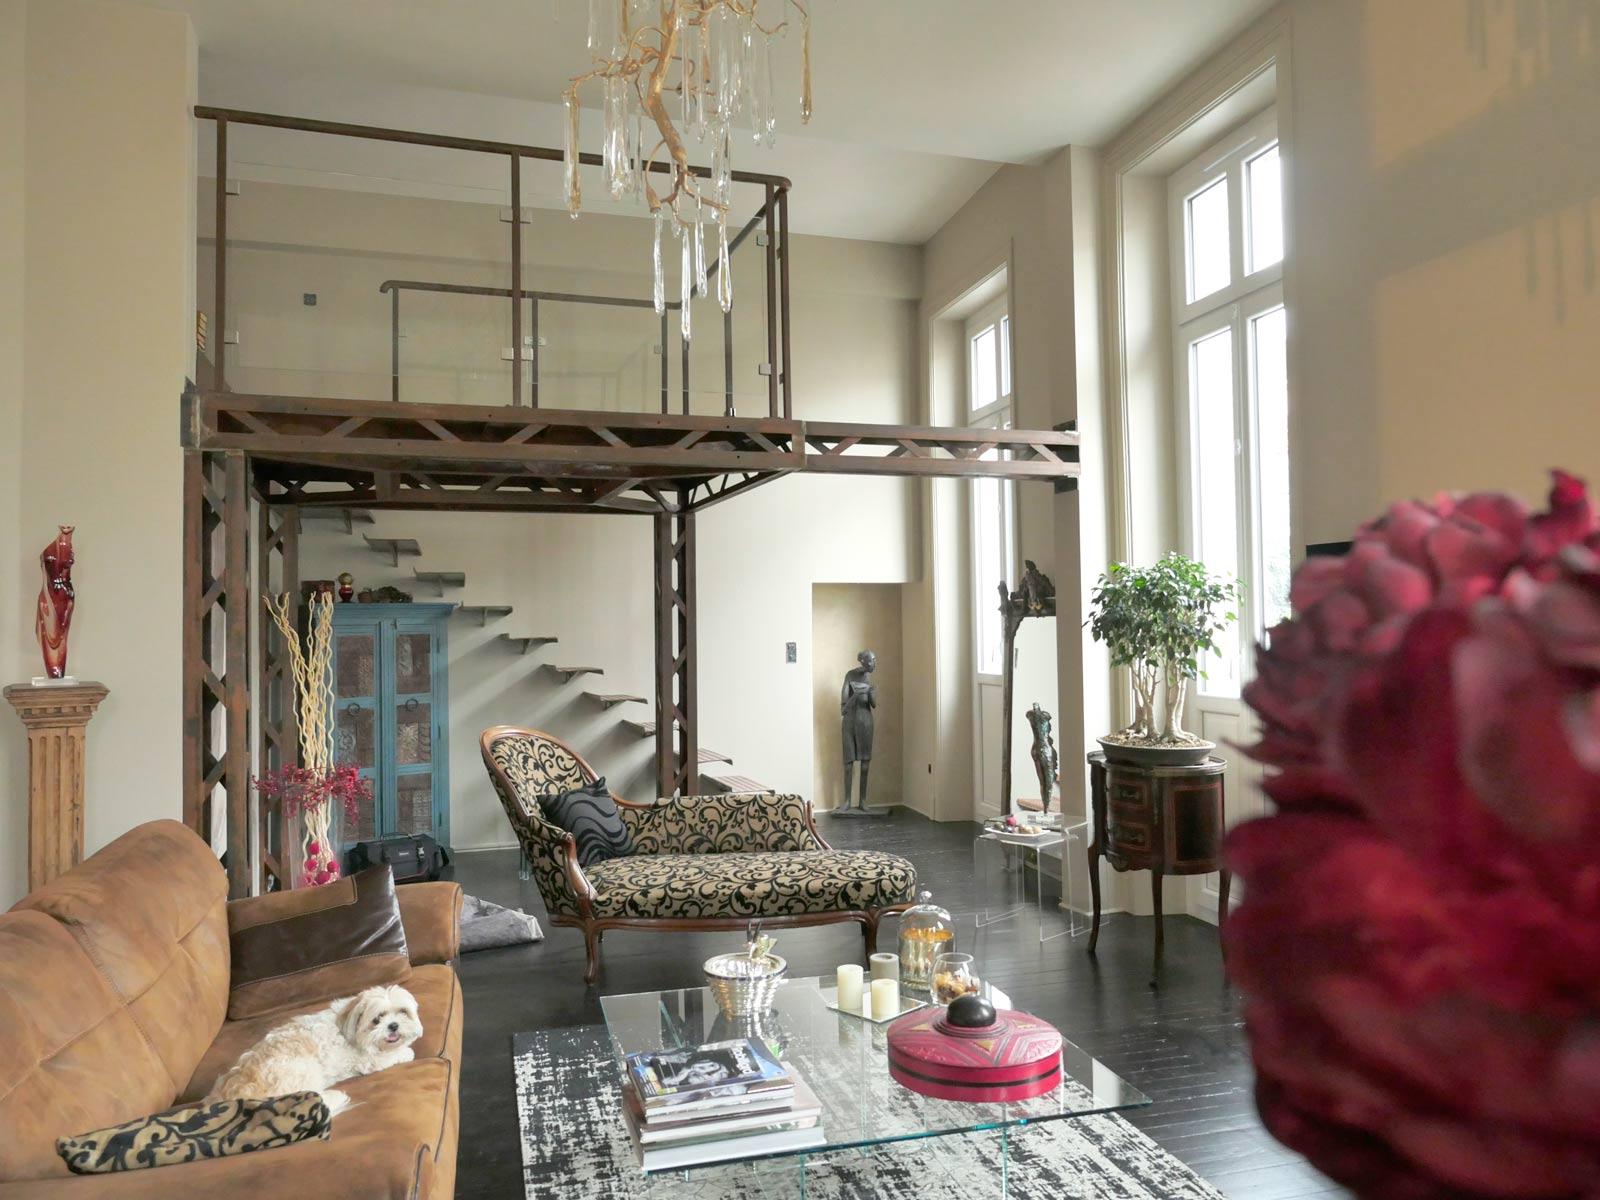 D coration d 39 int rieur limoges en haute vienne - Decoration conseil limoges ...